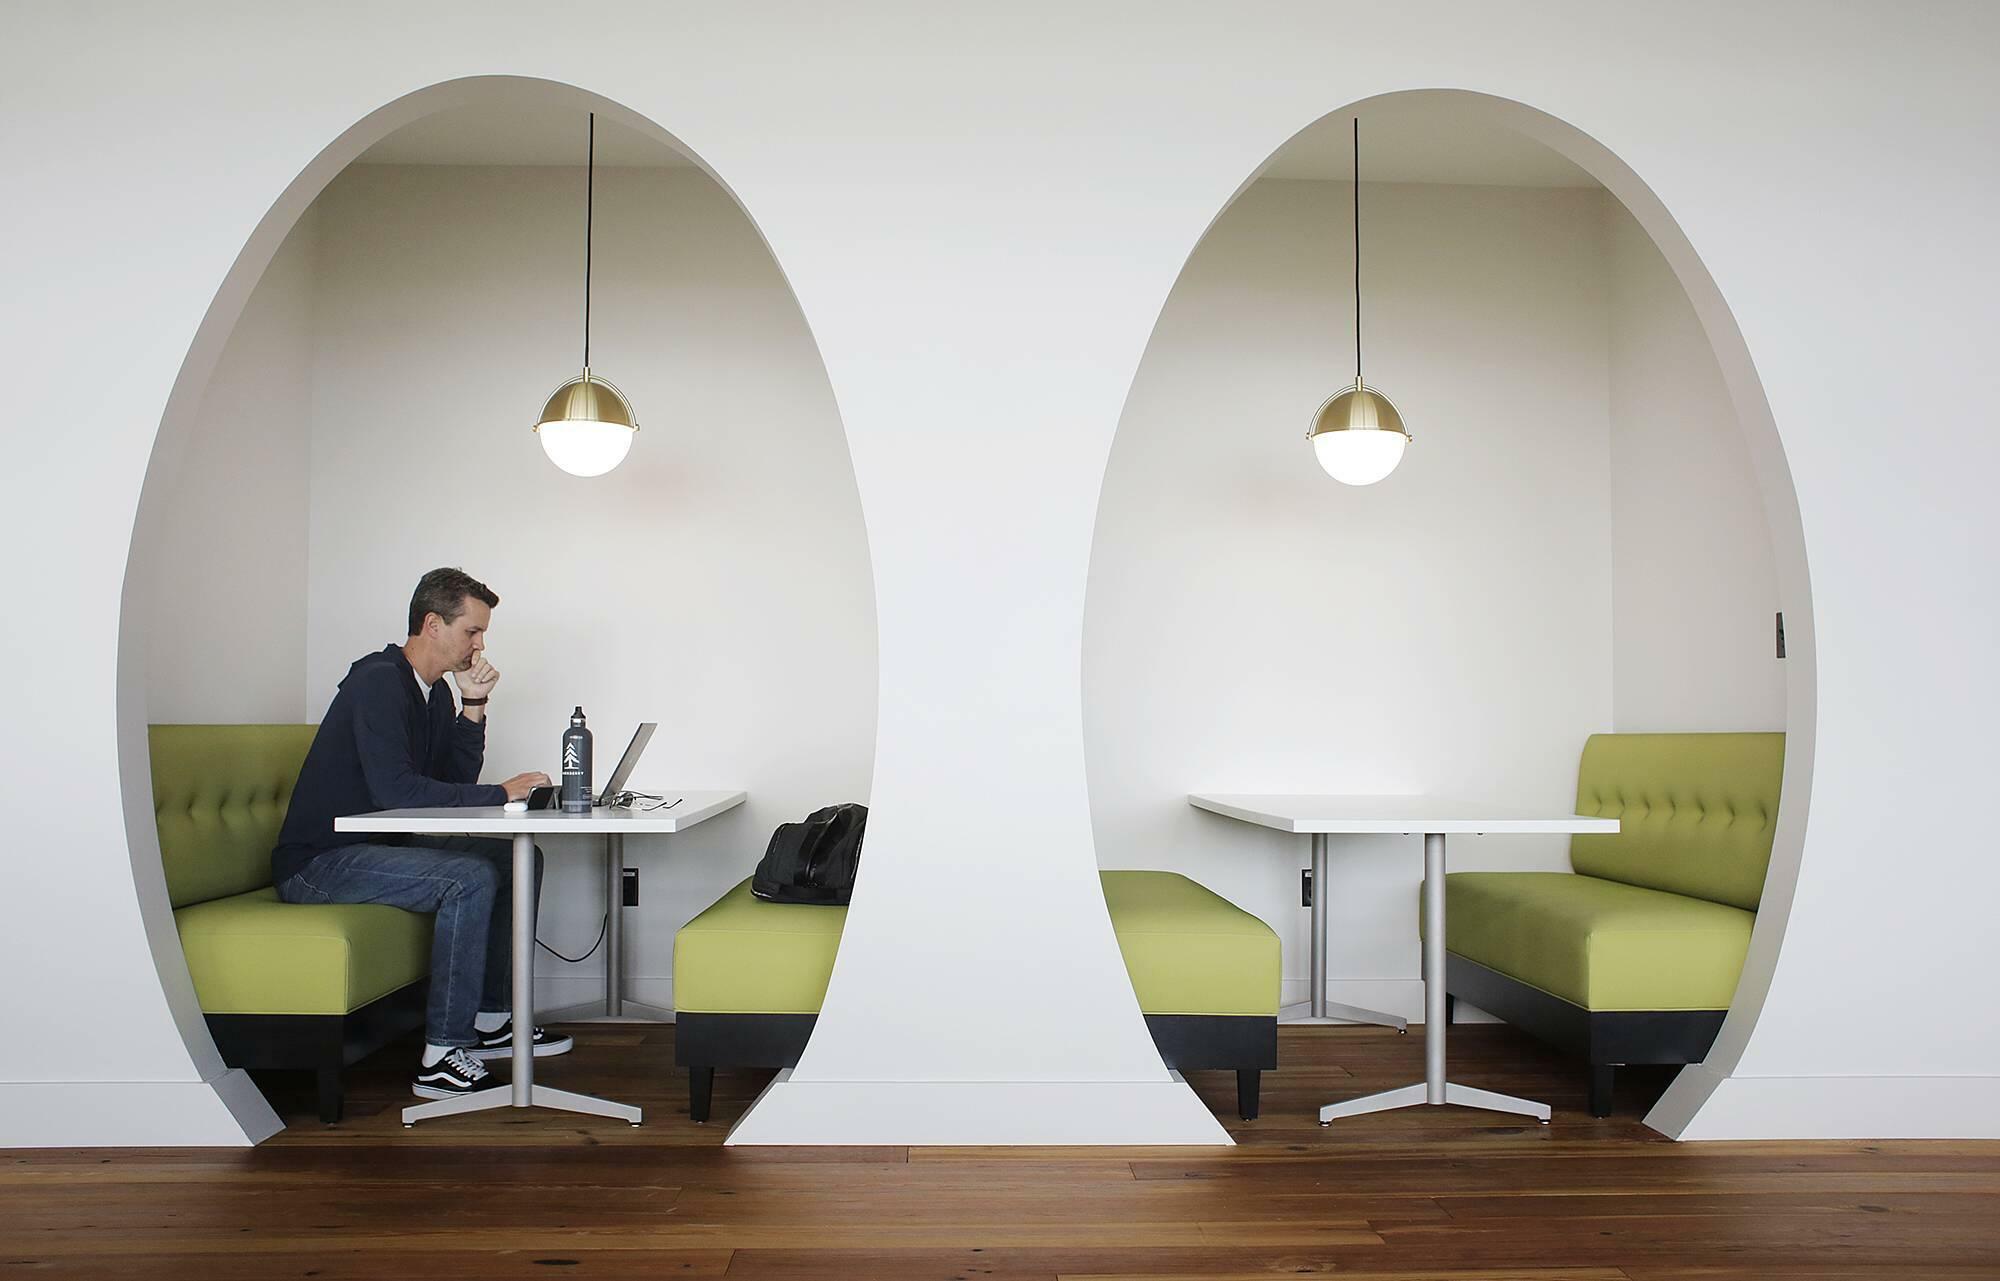 sch n gestaltung ihrer gedanken ideen benutzerdefinierte bilderrahmen ideen. Black Bedroom Furniture Sets. Home Design Ideas